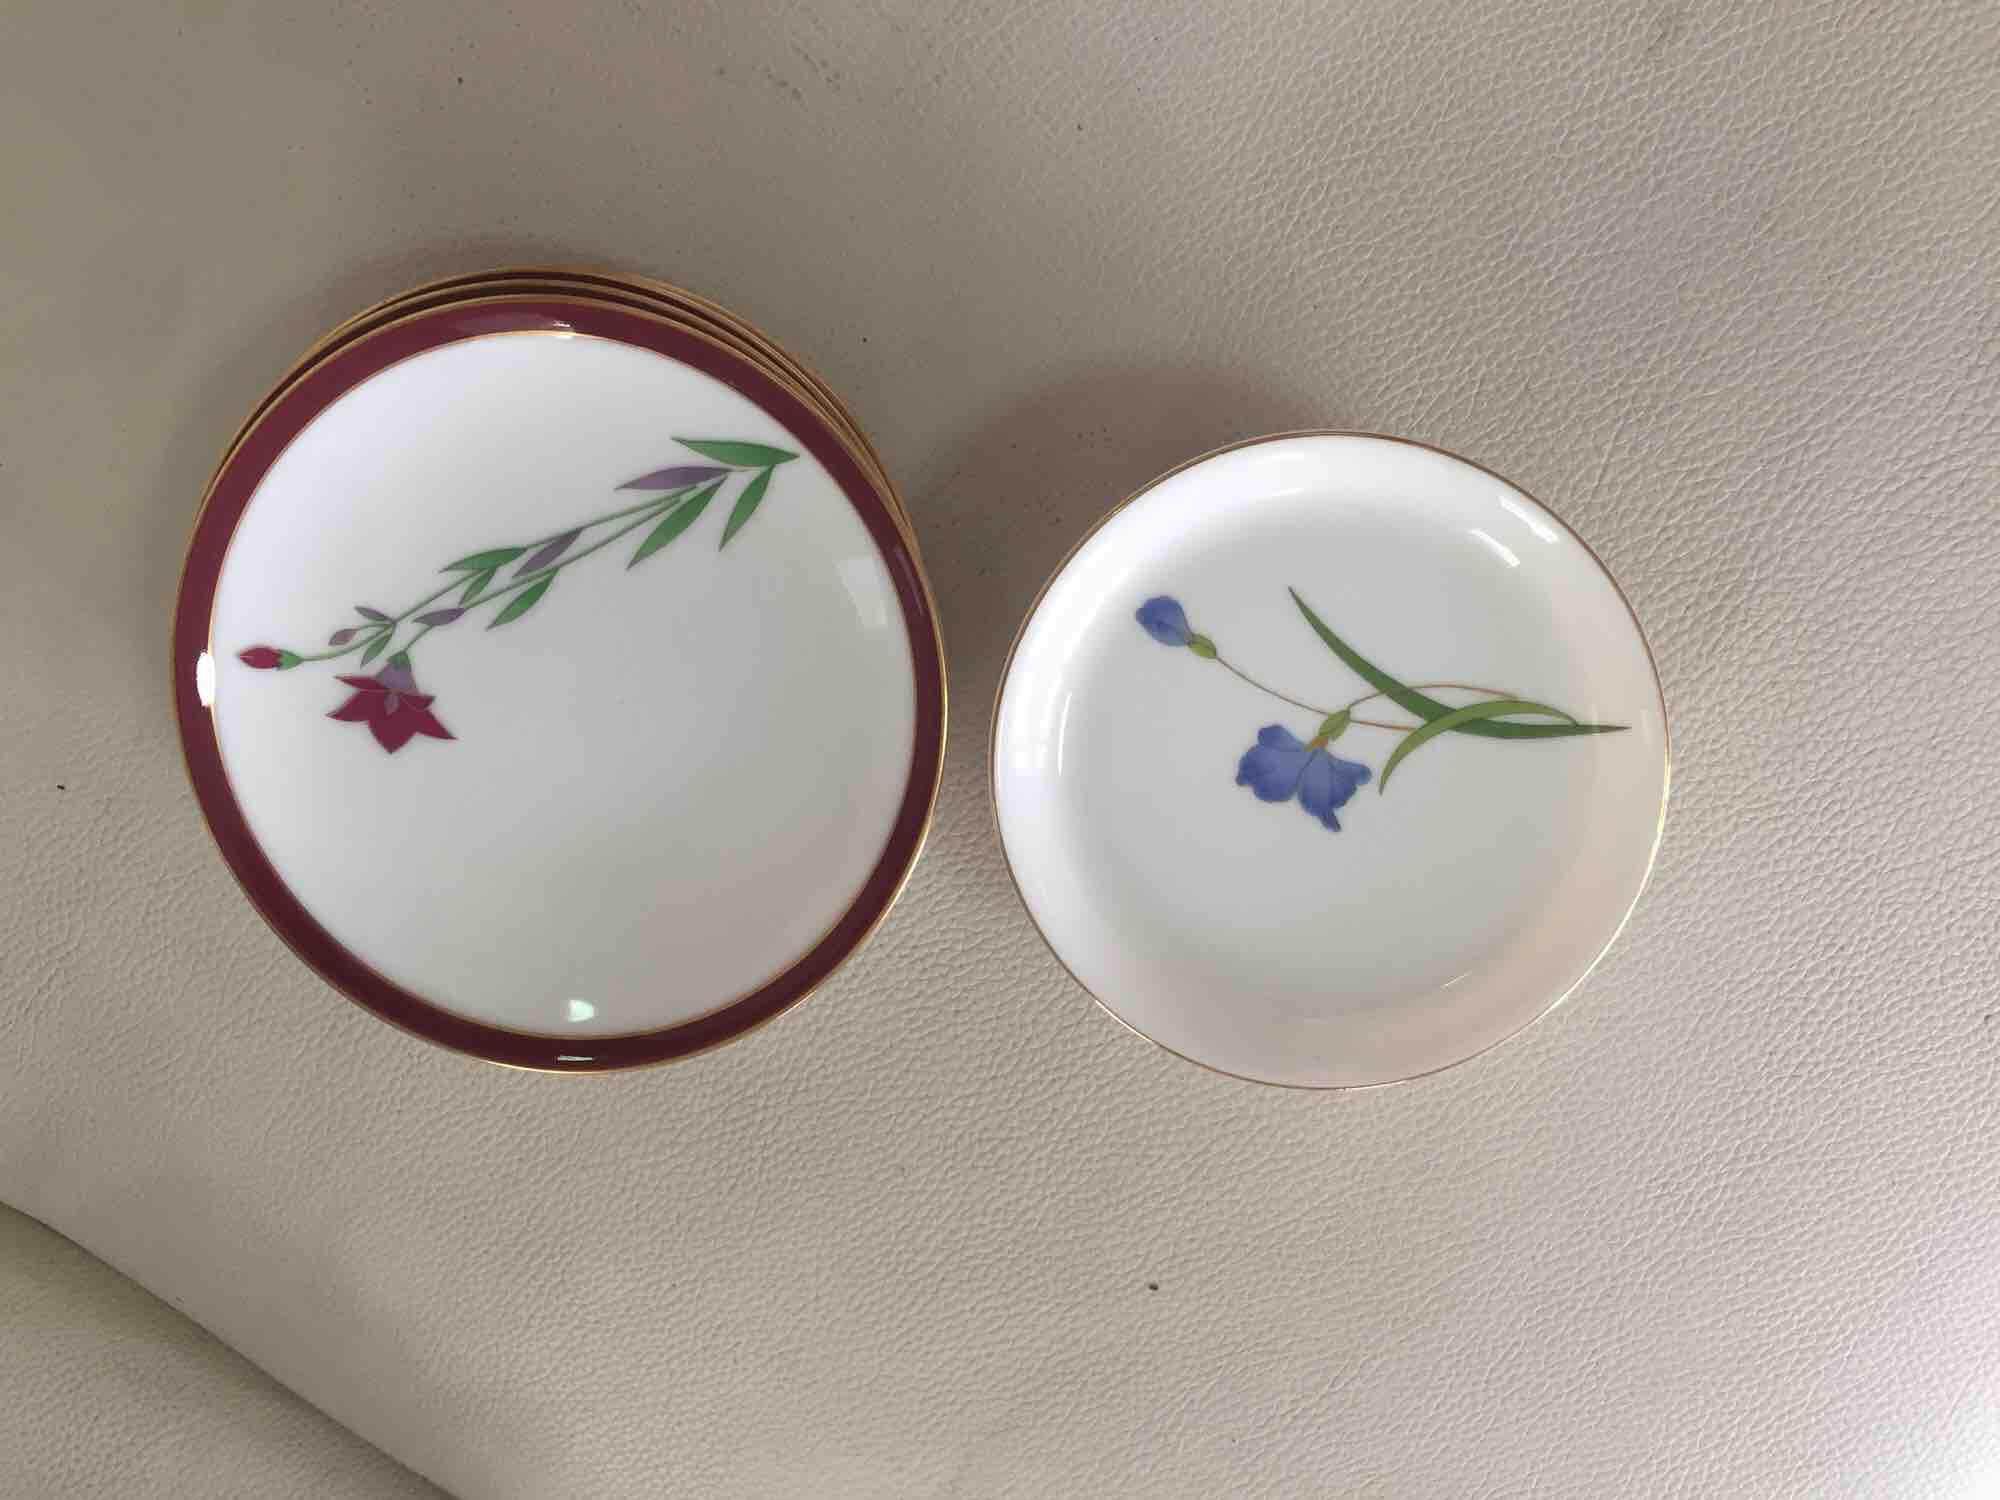 จานรองขนมลายดอกไม้ พร้อมเซตจานรองถ้วยชา By Nandesea.